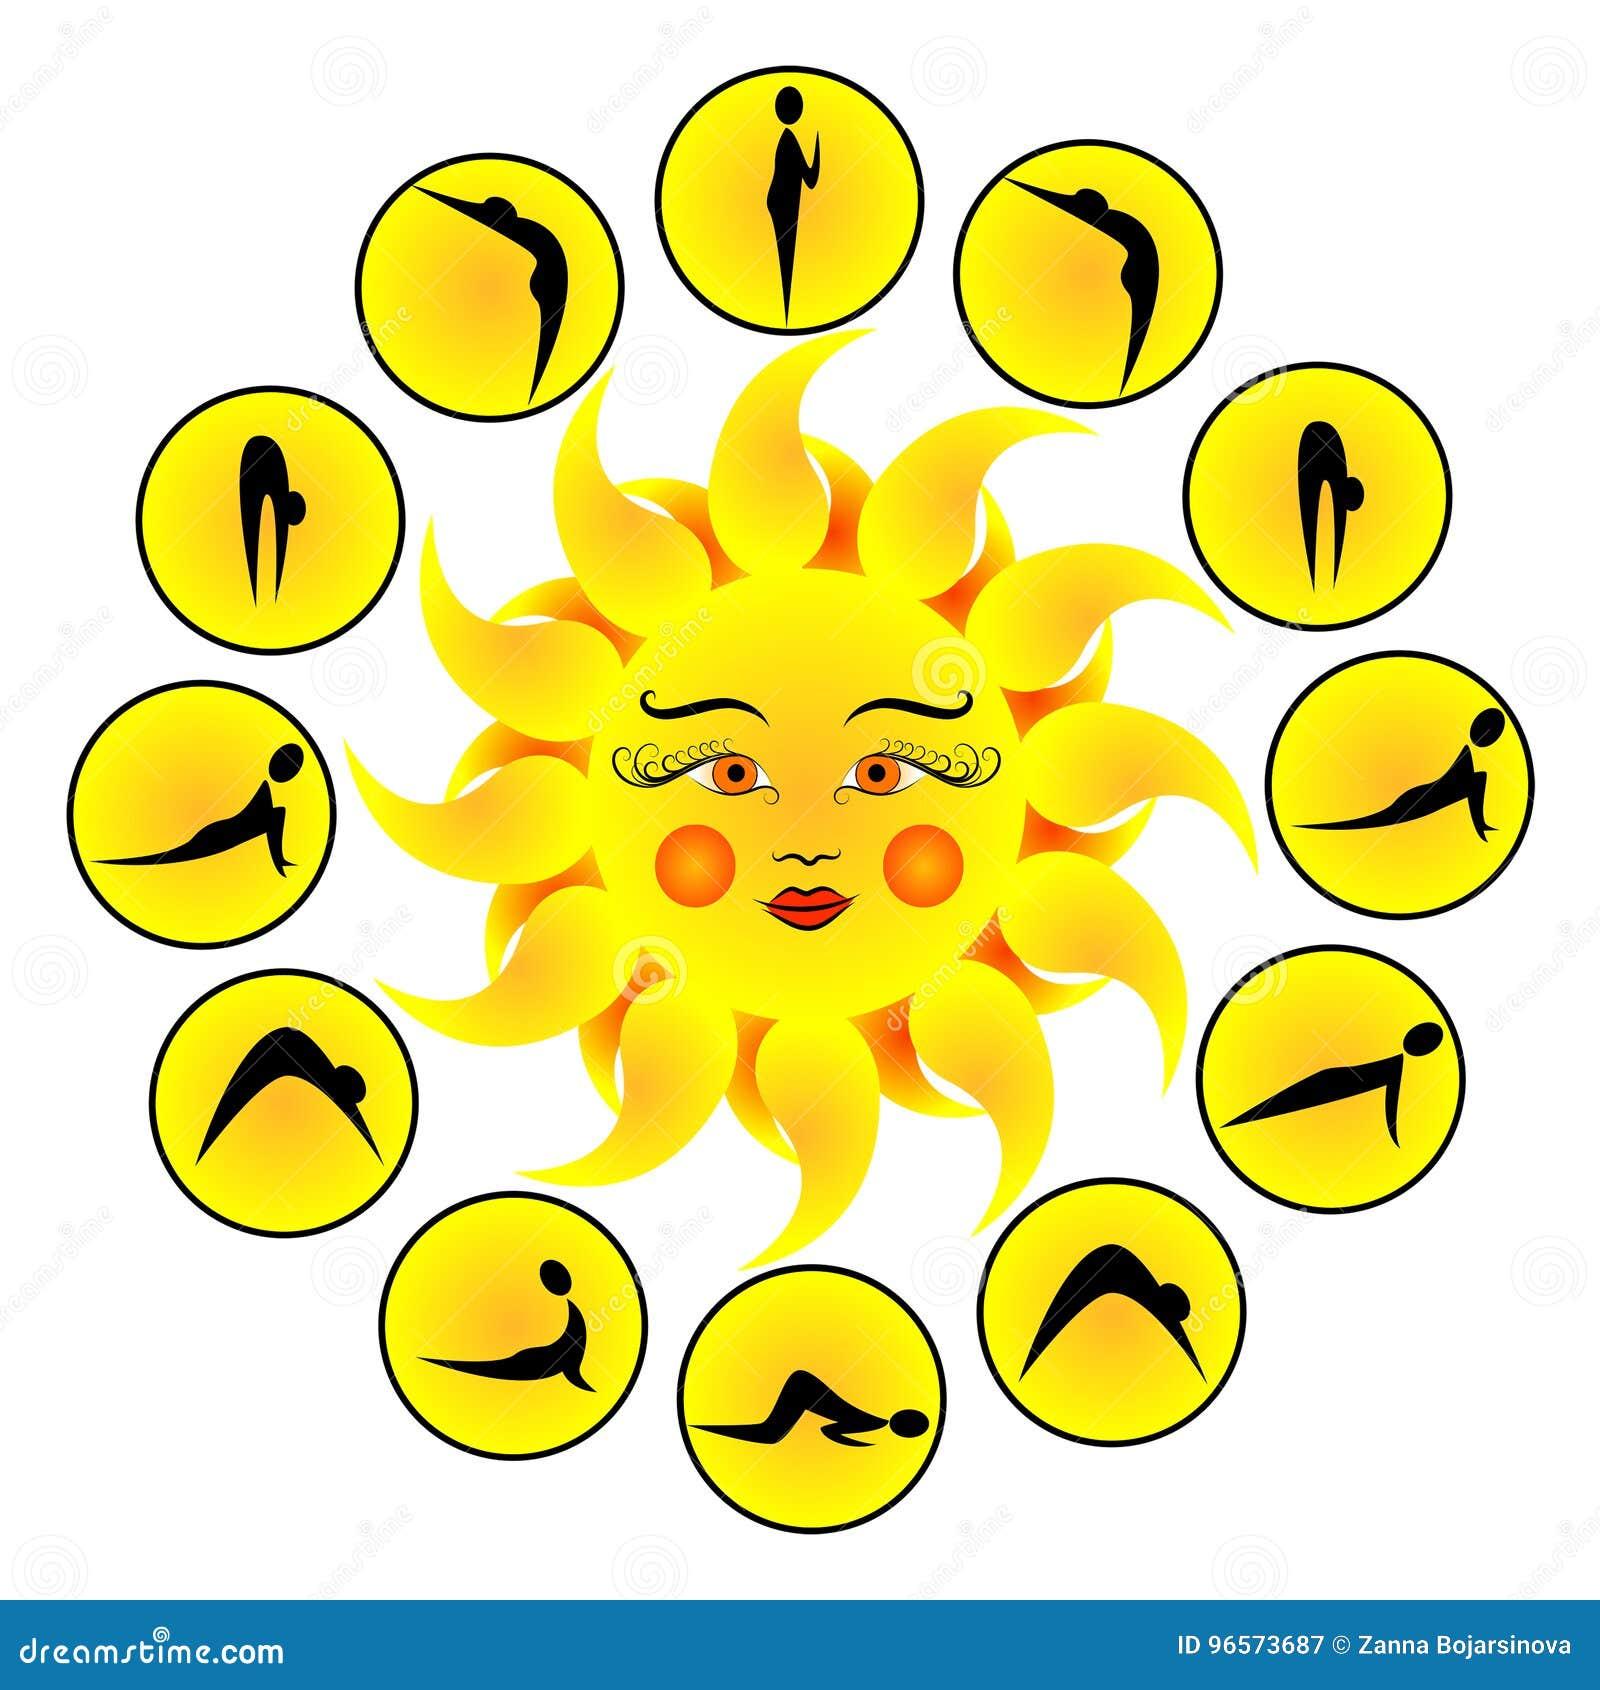 Yoga Exercises Sun Salutation Surya Namaskara Cartoon Vector Cartoondealer Com 96573687